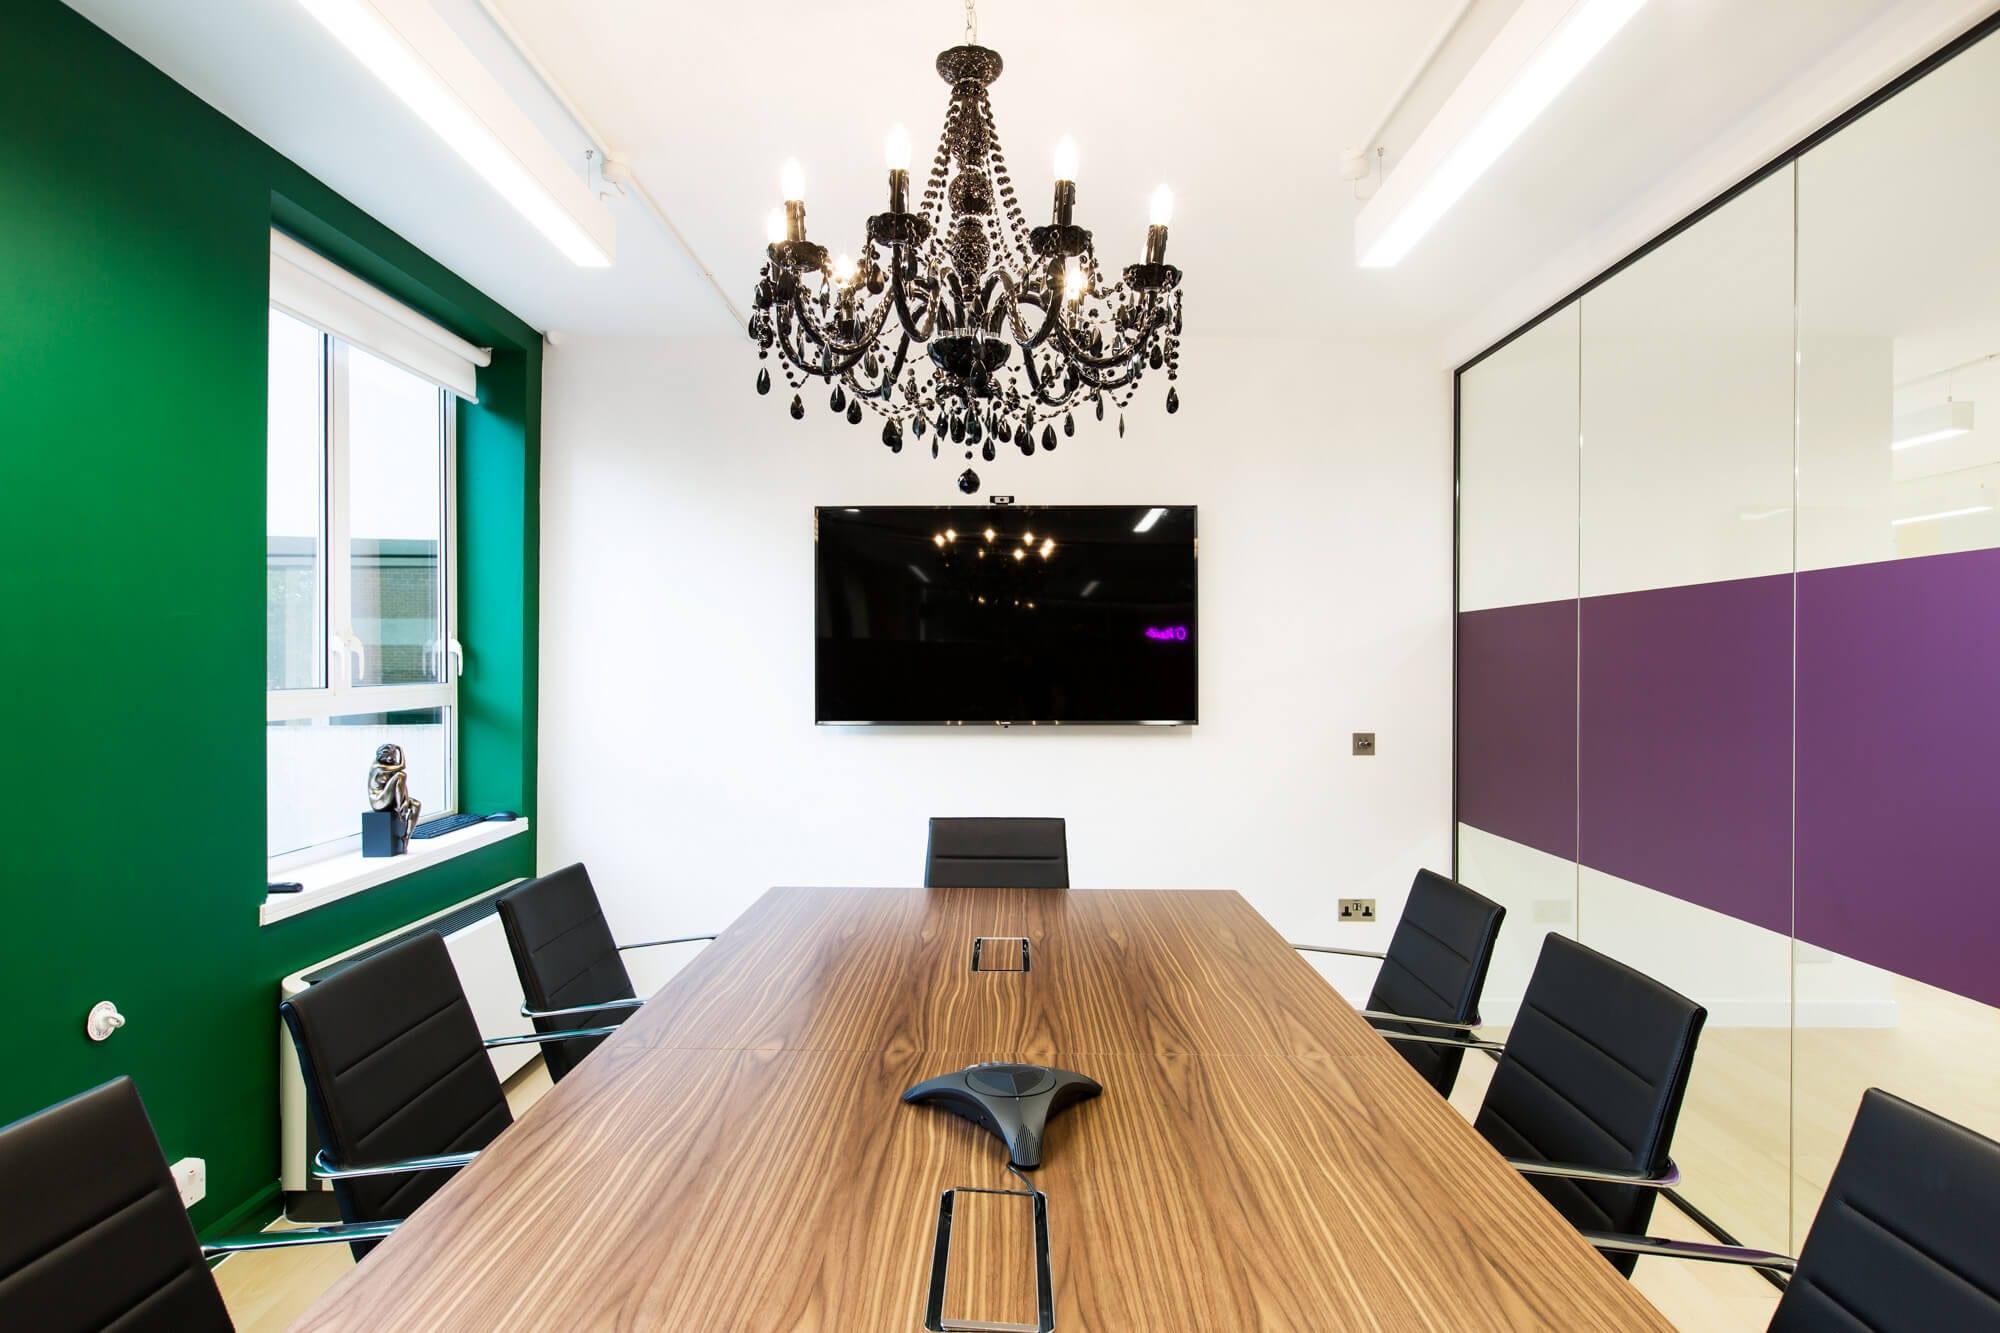 Meeting room AV solutions